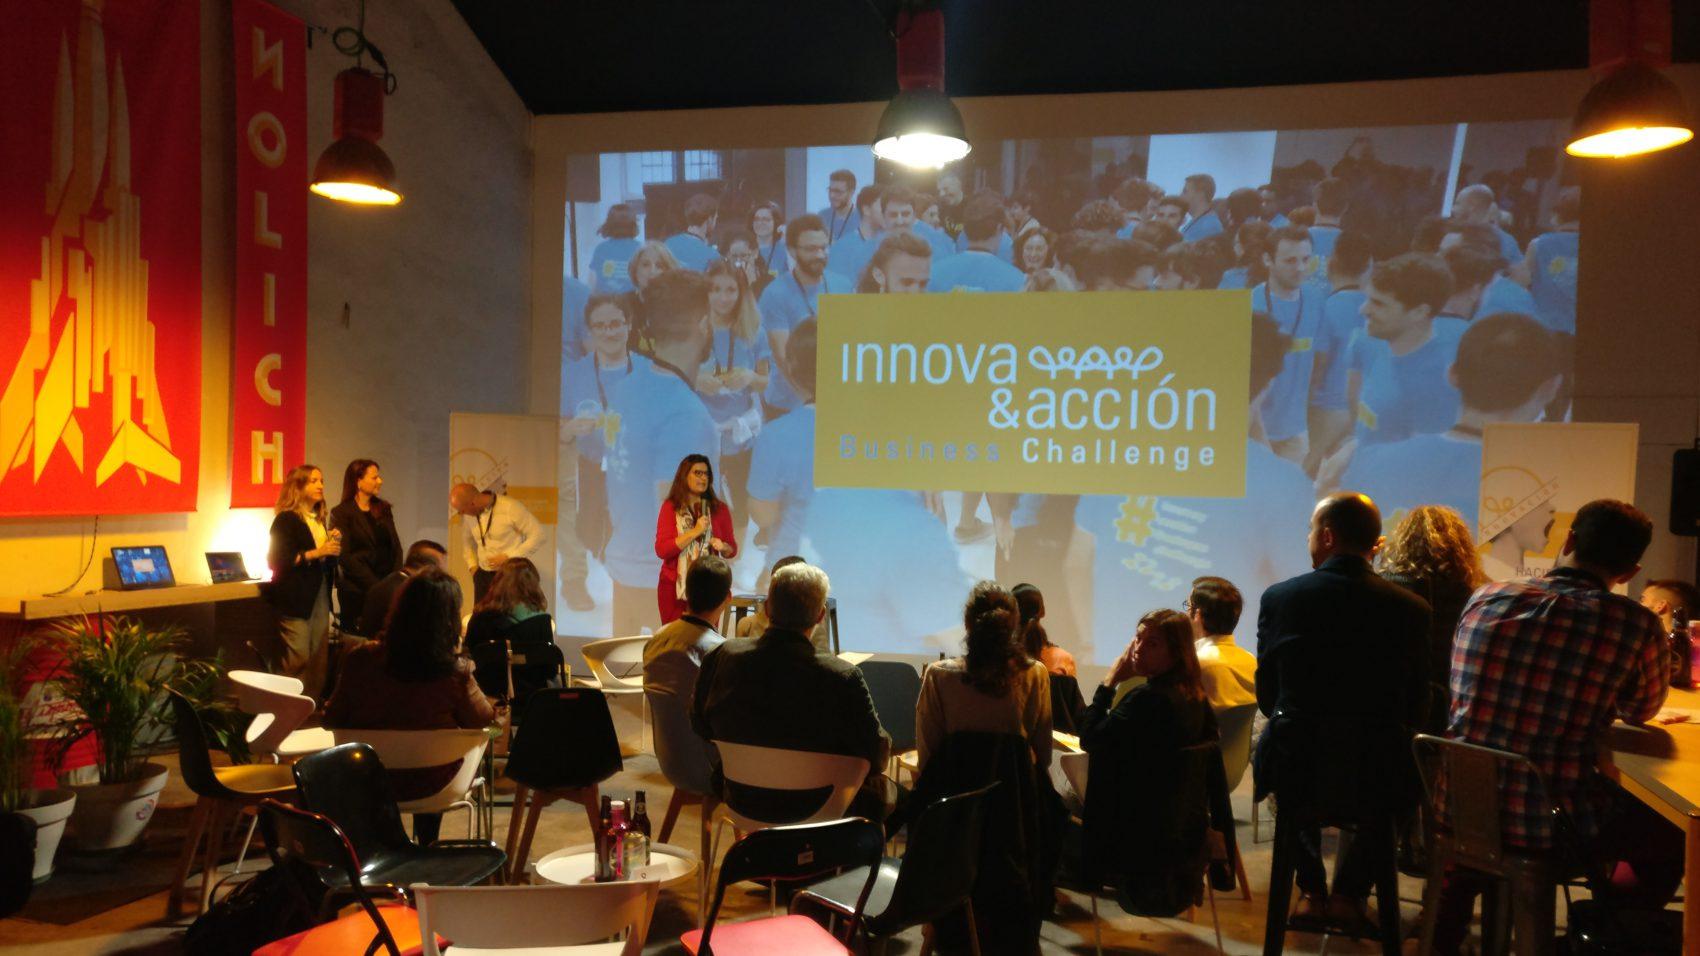 Mahou San Miguel: Cultura, procesos y conocimiento del mercado como claves de la innovación